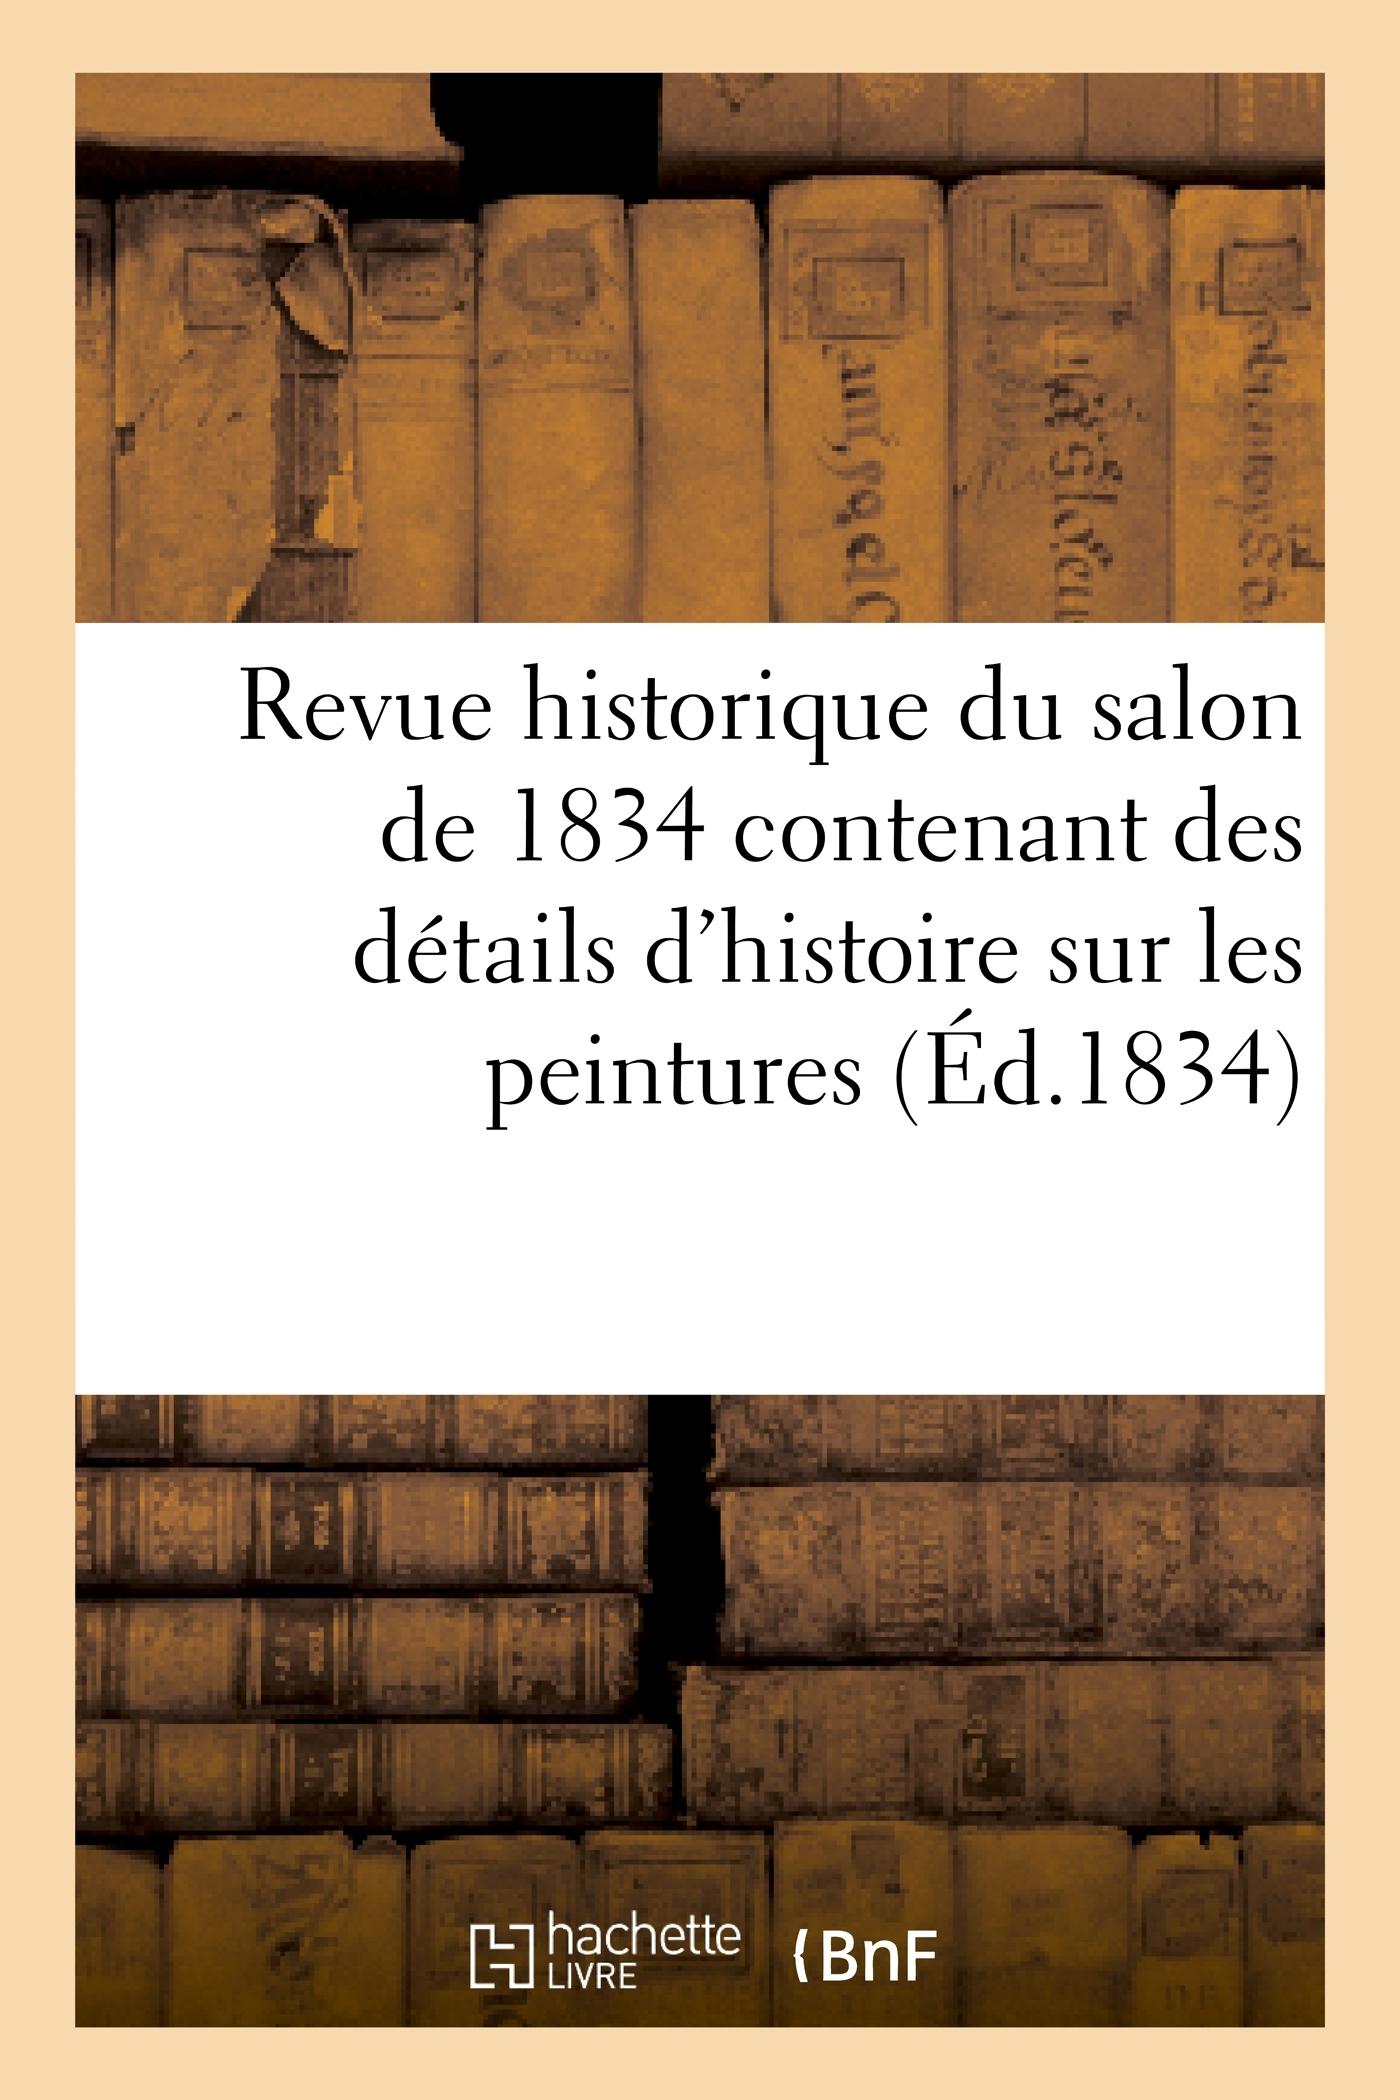 REVUE HISTORIQUE DU SALON DE 1834 CONTENANT DES DETAILS D'HISTOIRE SUR LES PEINTURES - , SCULPTURES